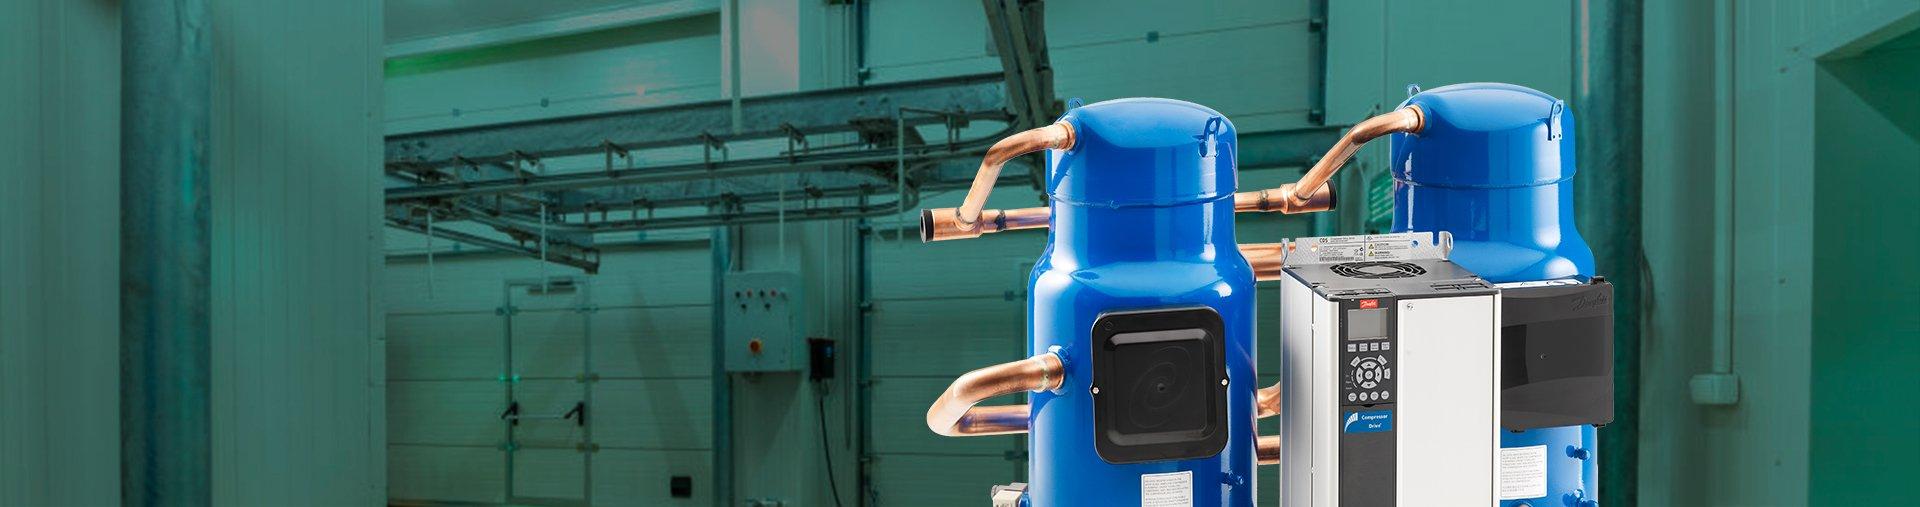 Compressores - Bandeirantes Refrigeração